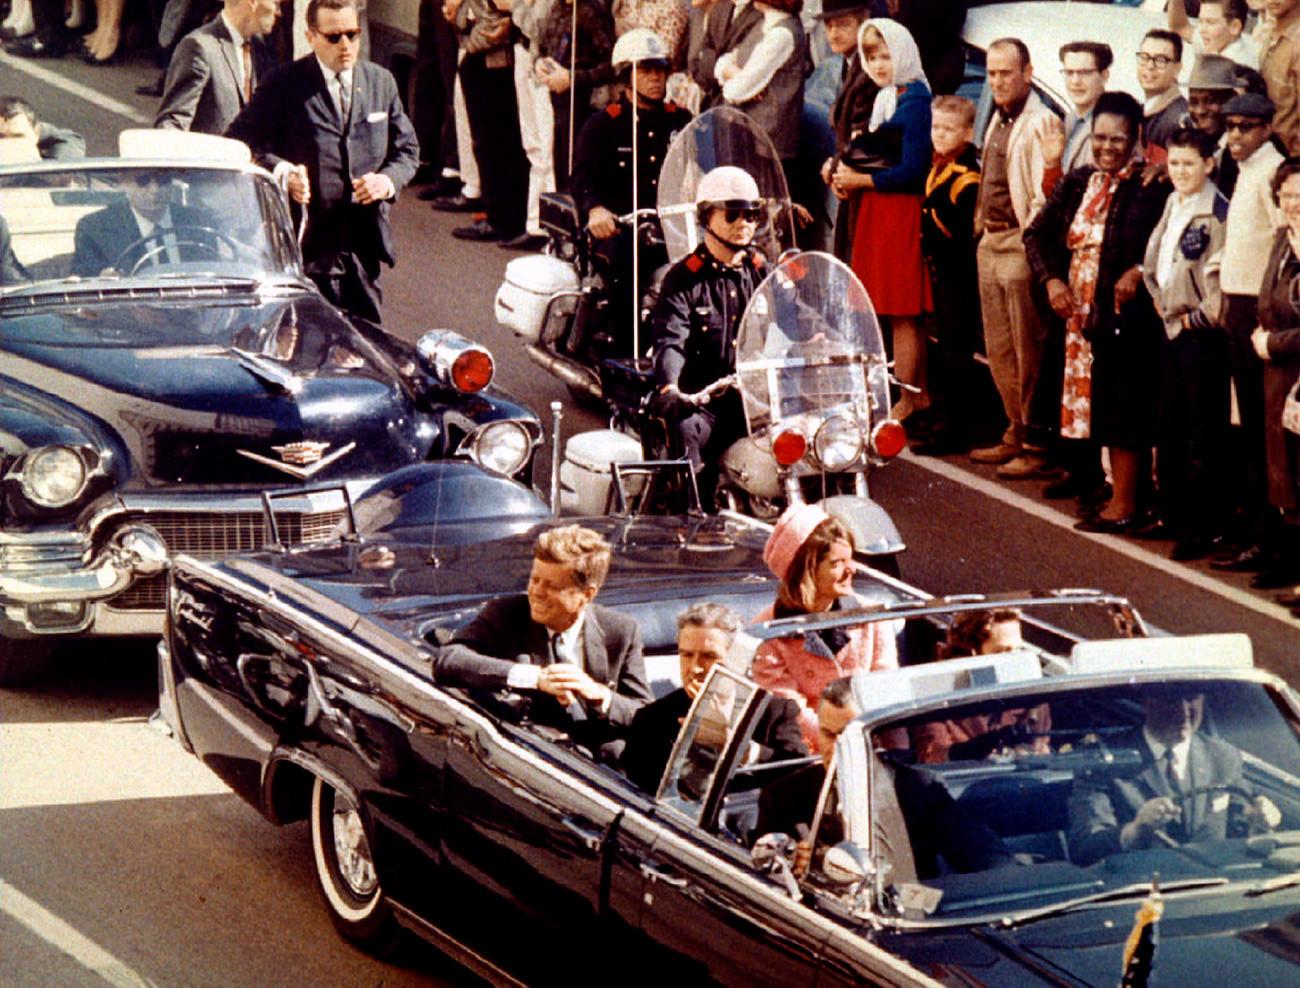 22 de novembro de 1963